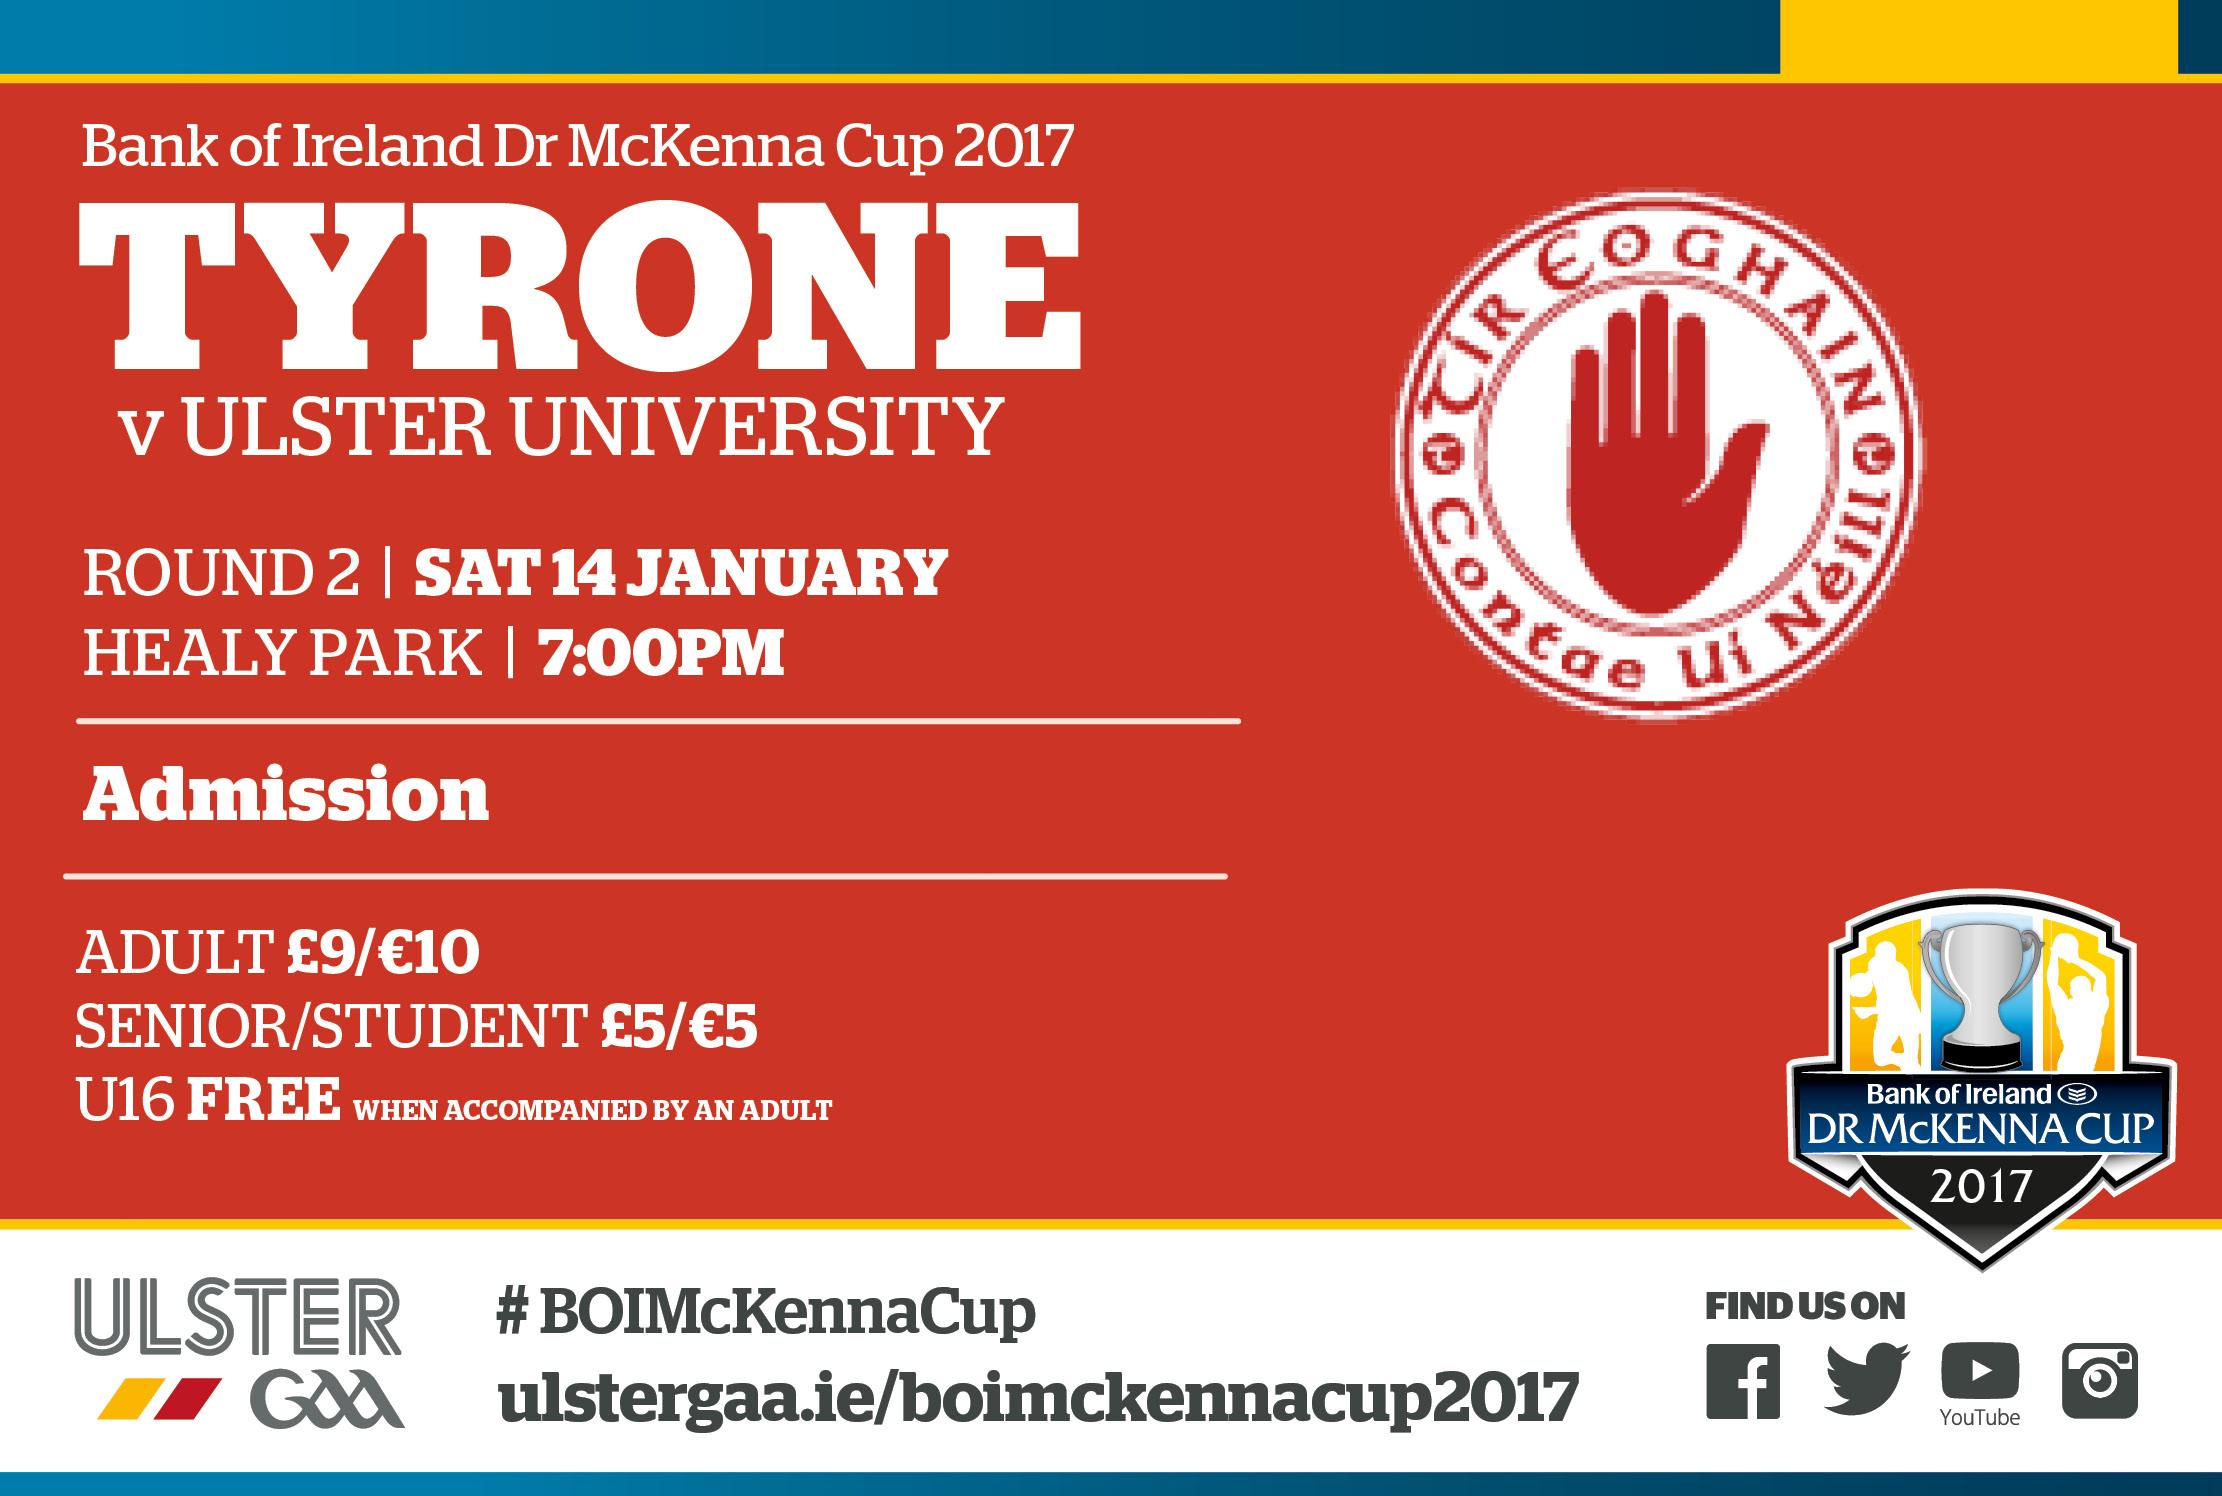 Tyrone team v Ulster University 14/1/17